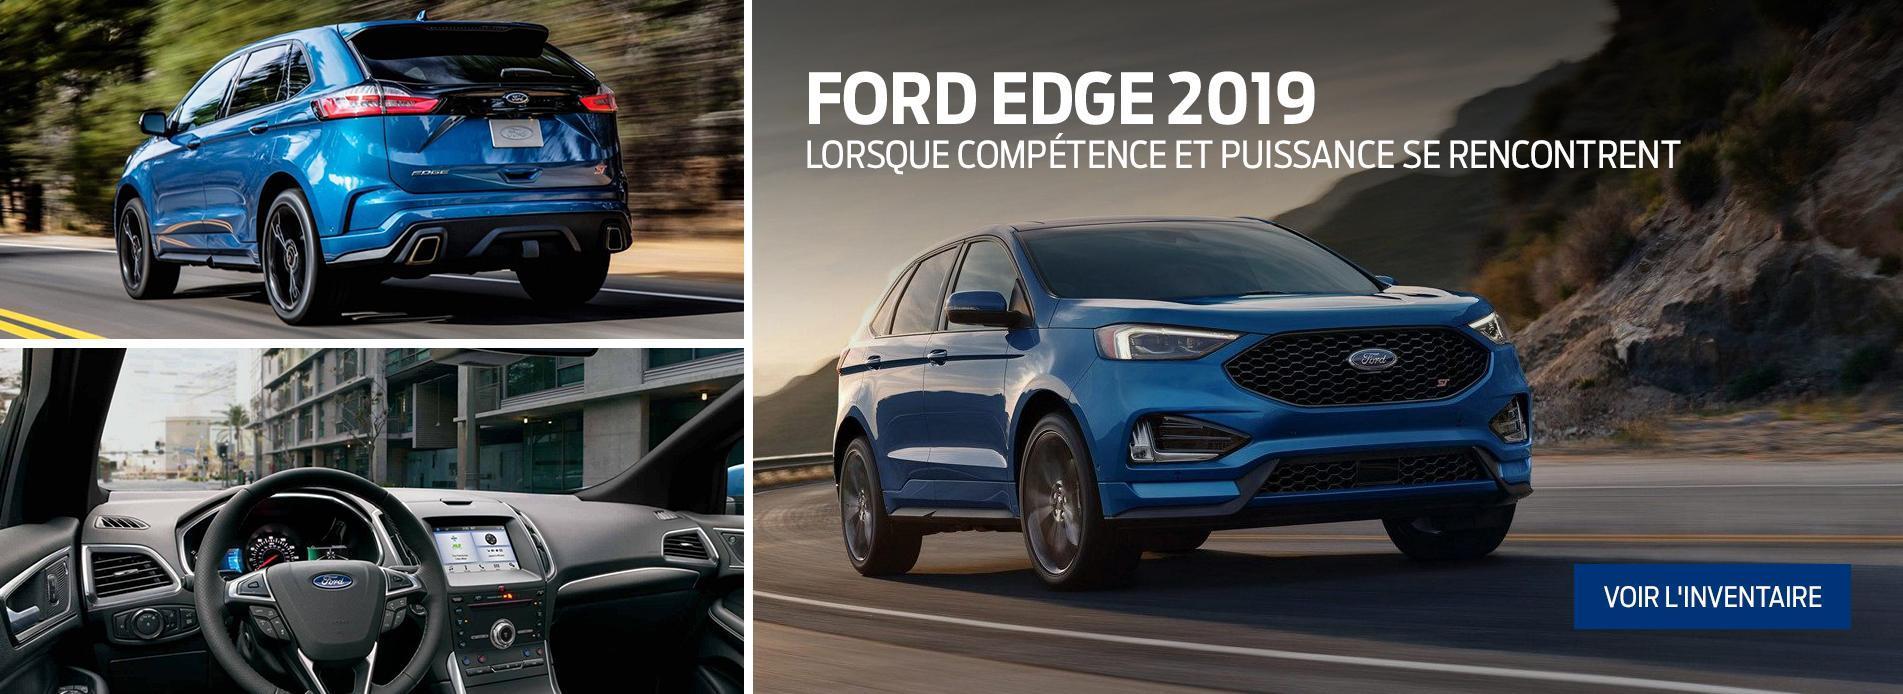 2019 – Ford Edge